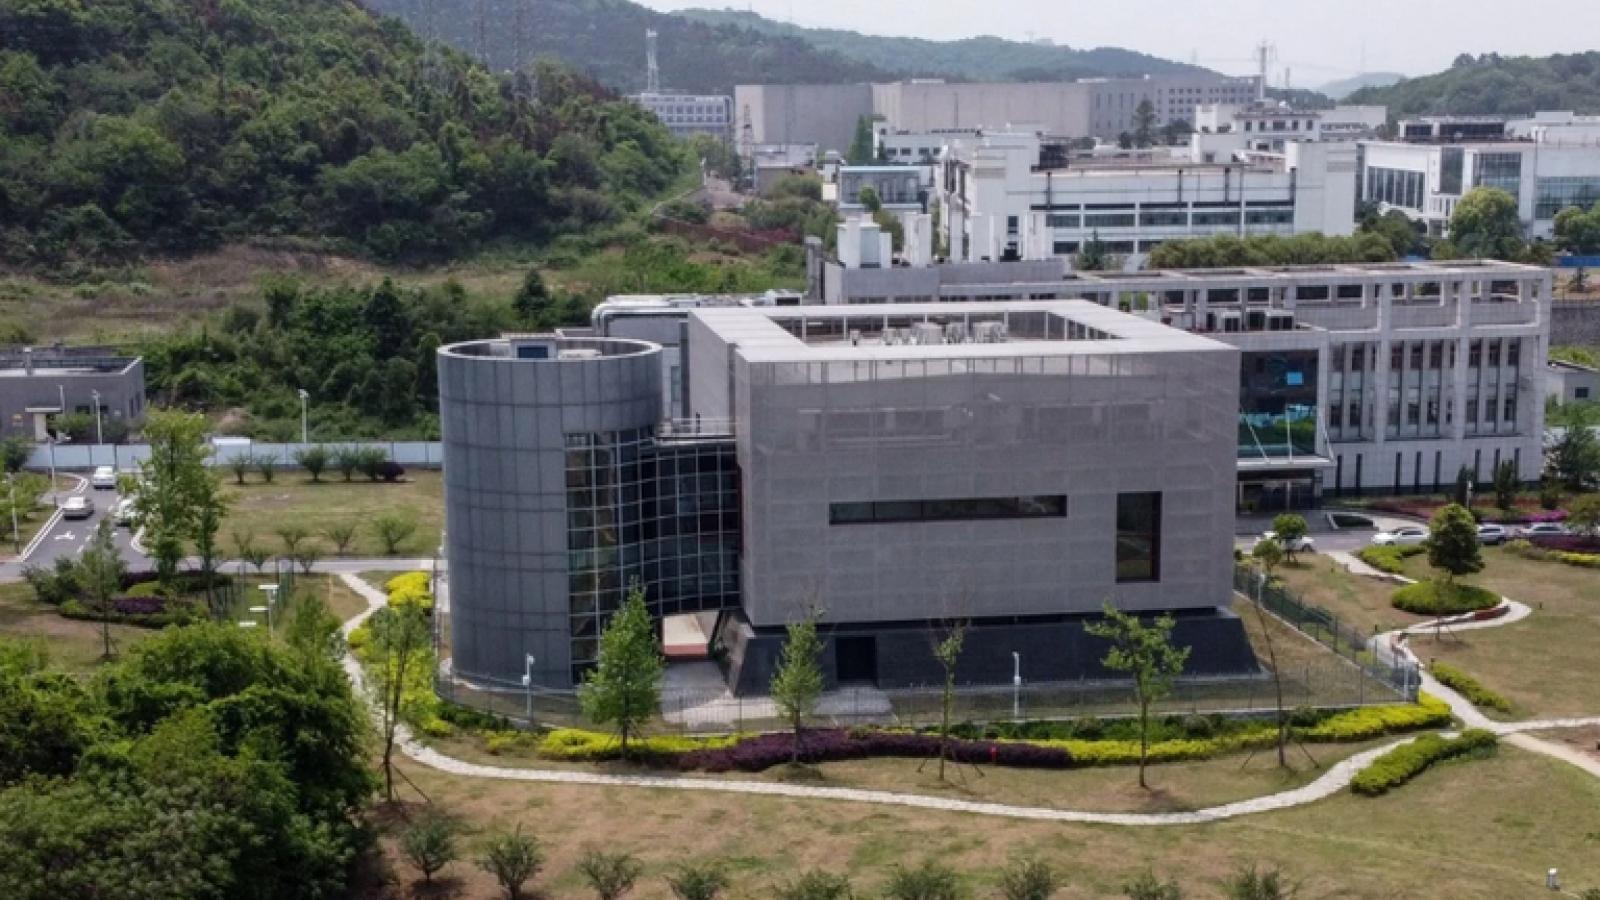 Trung Quốc bác thông tin nói các nhà khoa học có triệu chứng Covid-19 từ tháng 11/2019